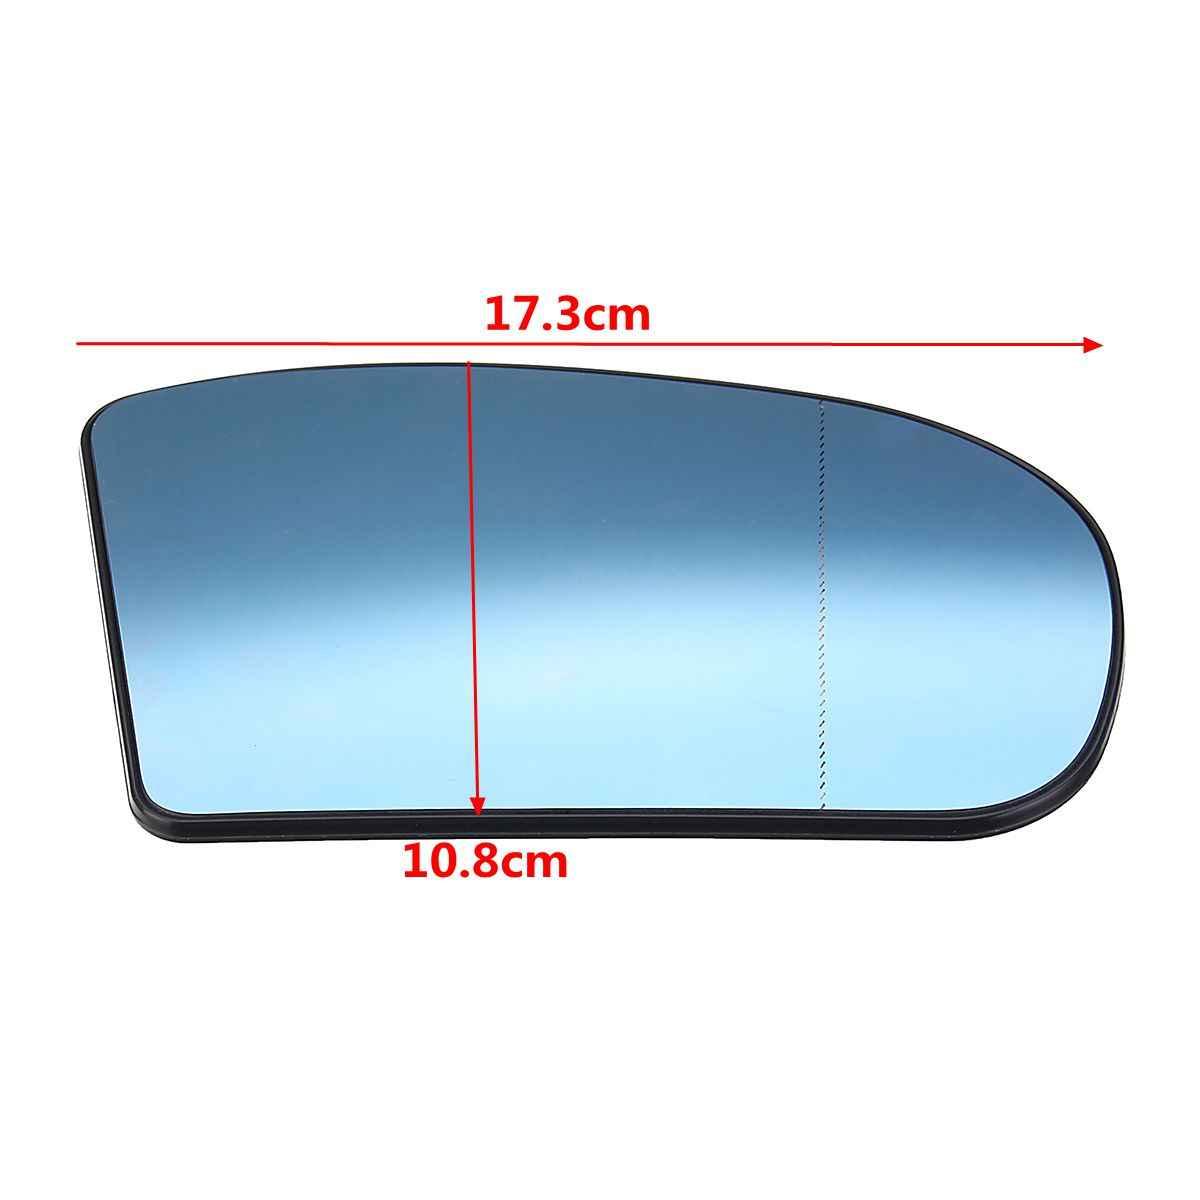 Vidrio pulido espejo exterior de vidrio derecha azul asphärisch c e s w202 w210